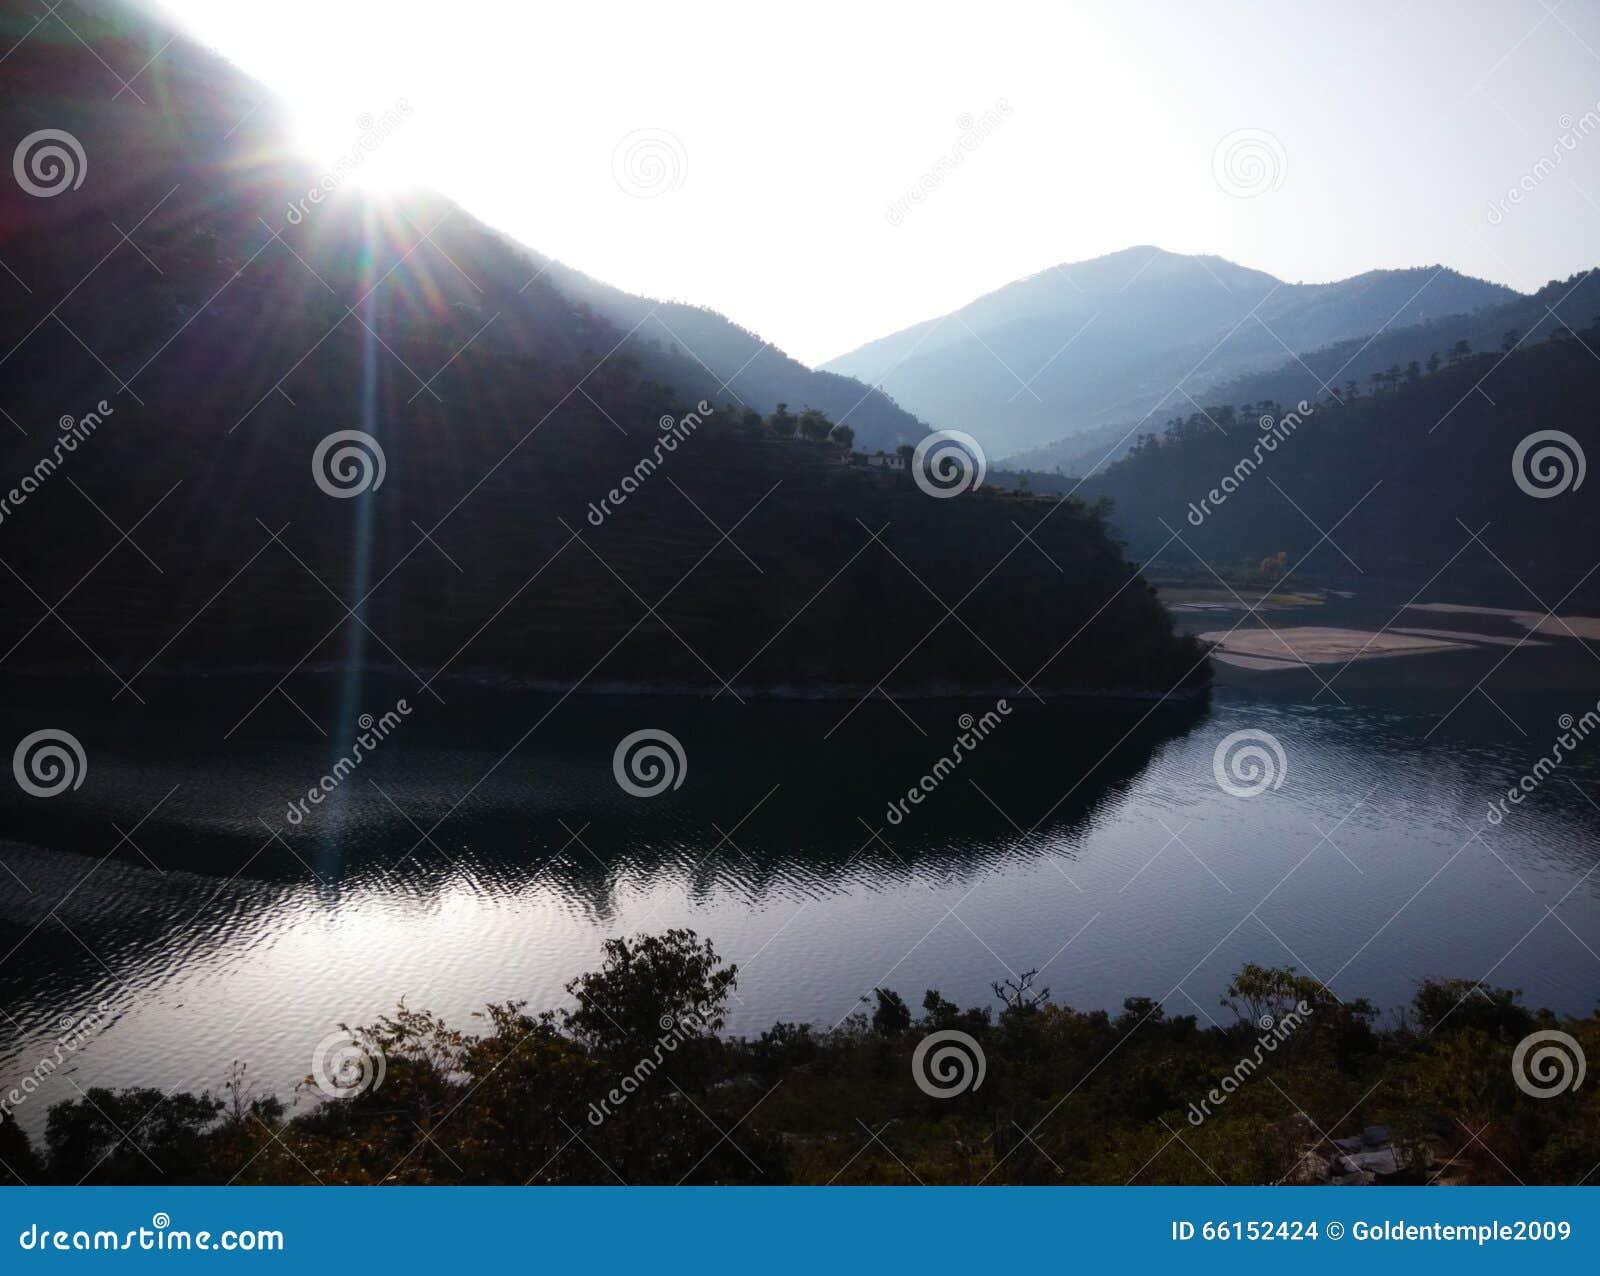 Nuage bleu de lumière du soleil de collines de montagnes de glace de rivière de visite de voyage de passage de rohtang de manali